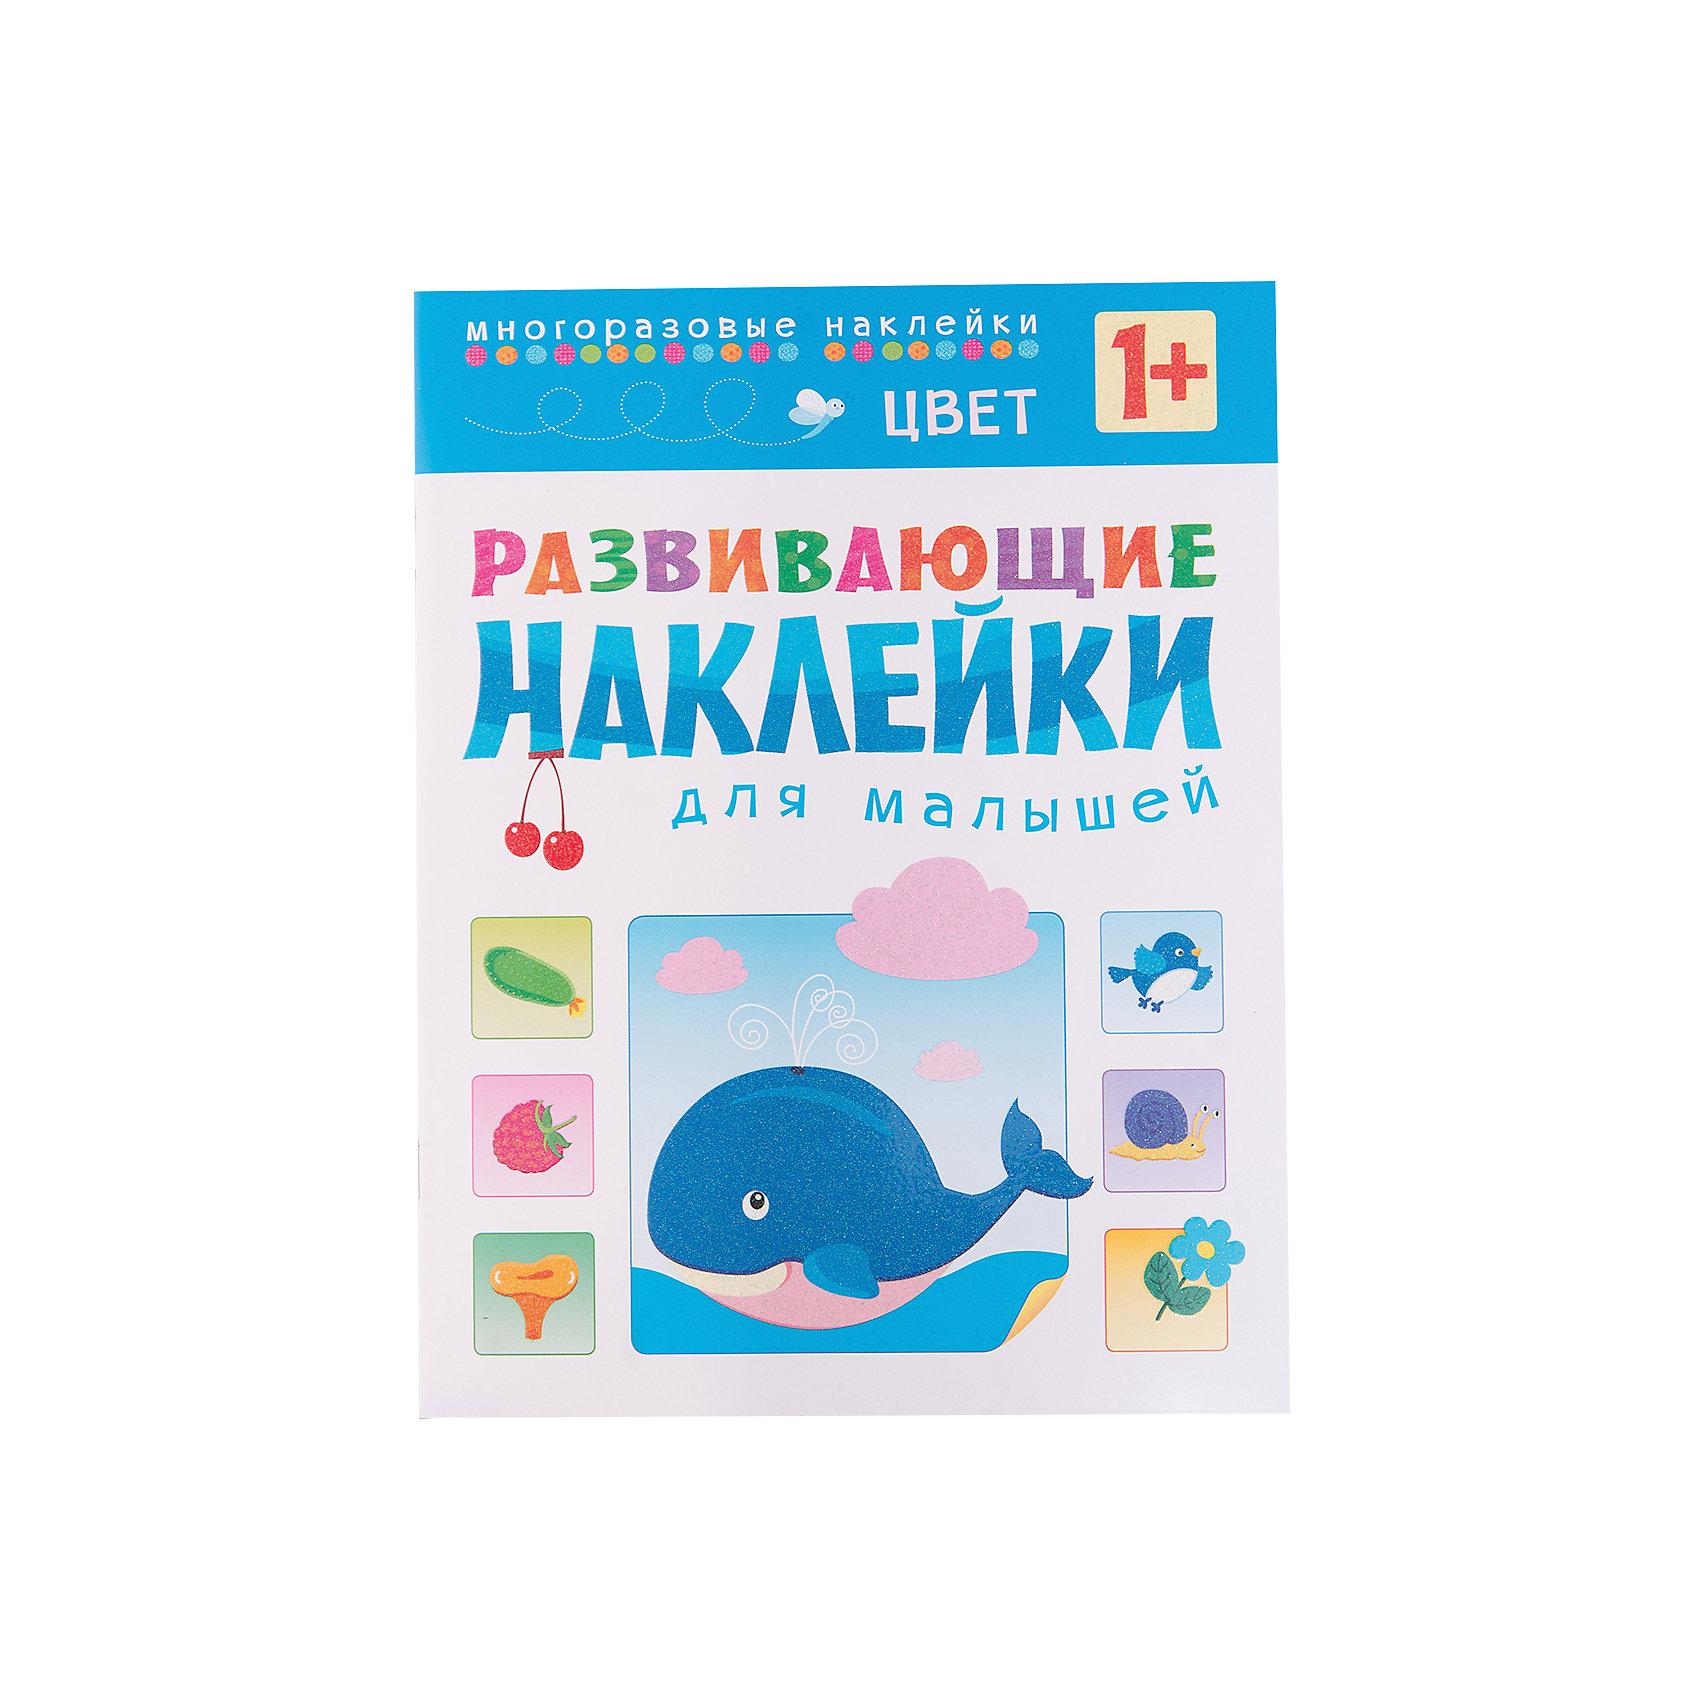 Цвет, Развивающие наклейки для малышейХарактеристики книги Цвета развивающих наклеек для малышей:<br><br>• возраст: от 12 месяцев<br>• пол: для мальчиков и девочек<br>• материал: бумага, полимер<br>• количество страниц: 8<br>• размер книжки: 19.5x25.5 см.<br>• тип обложки: мягкая.<br>• иллюстрации: цветные.<br>• редактор: Валерия Вилюнова<br>• иллюстратор: Ольга Вовикова<br>• бренд: Мозаика-Синтез<br>• страна обладатель бренда: Россия.<br>• страна изготовитель: Россия<br><br>Эта книжка с наклейками предназначена для самых маленьких читателей. Уже в 1 год ребенок способен выполнять задания, приклеивая наклейки в нужное место. Это занятие не только приносит малышу удовольствие и радость, но и способствует развитию речи, интеллекта, мелкой моторики, координации движений, умения находить и принимать решения; расширяет представления об окружающем мире. <br><br>С помощью этой книги малыш познакомится с основными Цветами, научиться различать и называть их. Наклейки в книге многоразовые, так что ребенок может смело экспериментировать, не боясь ошибиться.<br><br>Книгу Цвета развивающее наклейки для малышей издательства Мозаика-Синтез можно купить в нашем интернет-магазине<br><br>Ширина мм: 2<br>Глубина мм: 195<br>Высота мм: 255<br>Вес г: 65<br>Возраст от месяцев: 12<br>Возраст до месяцев: 36<br>Пол: Унисекс<br>Возраст: Детский<br>SKU: 5362862